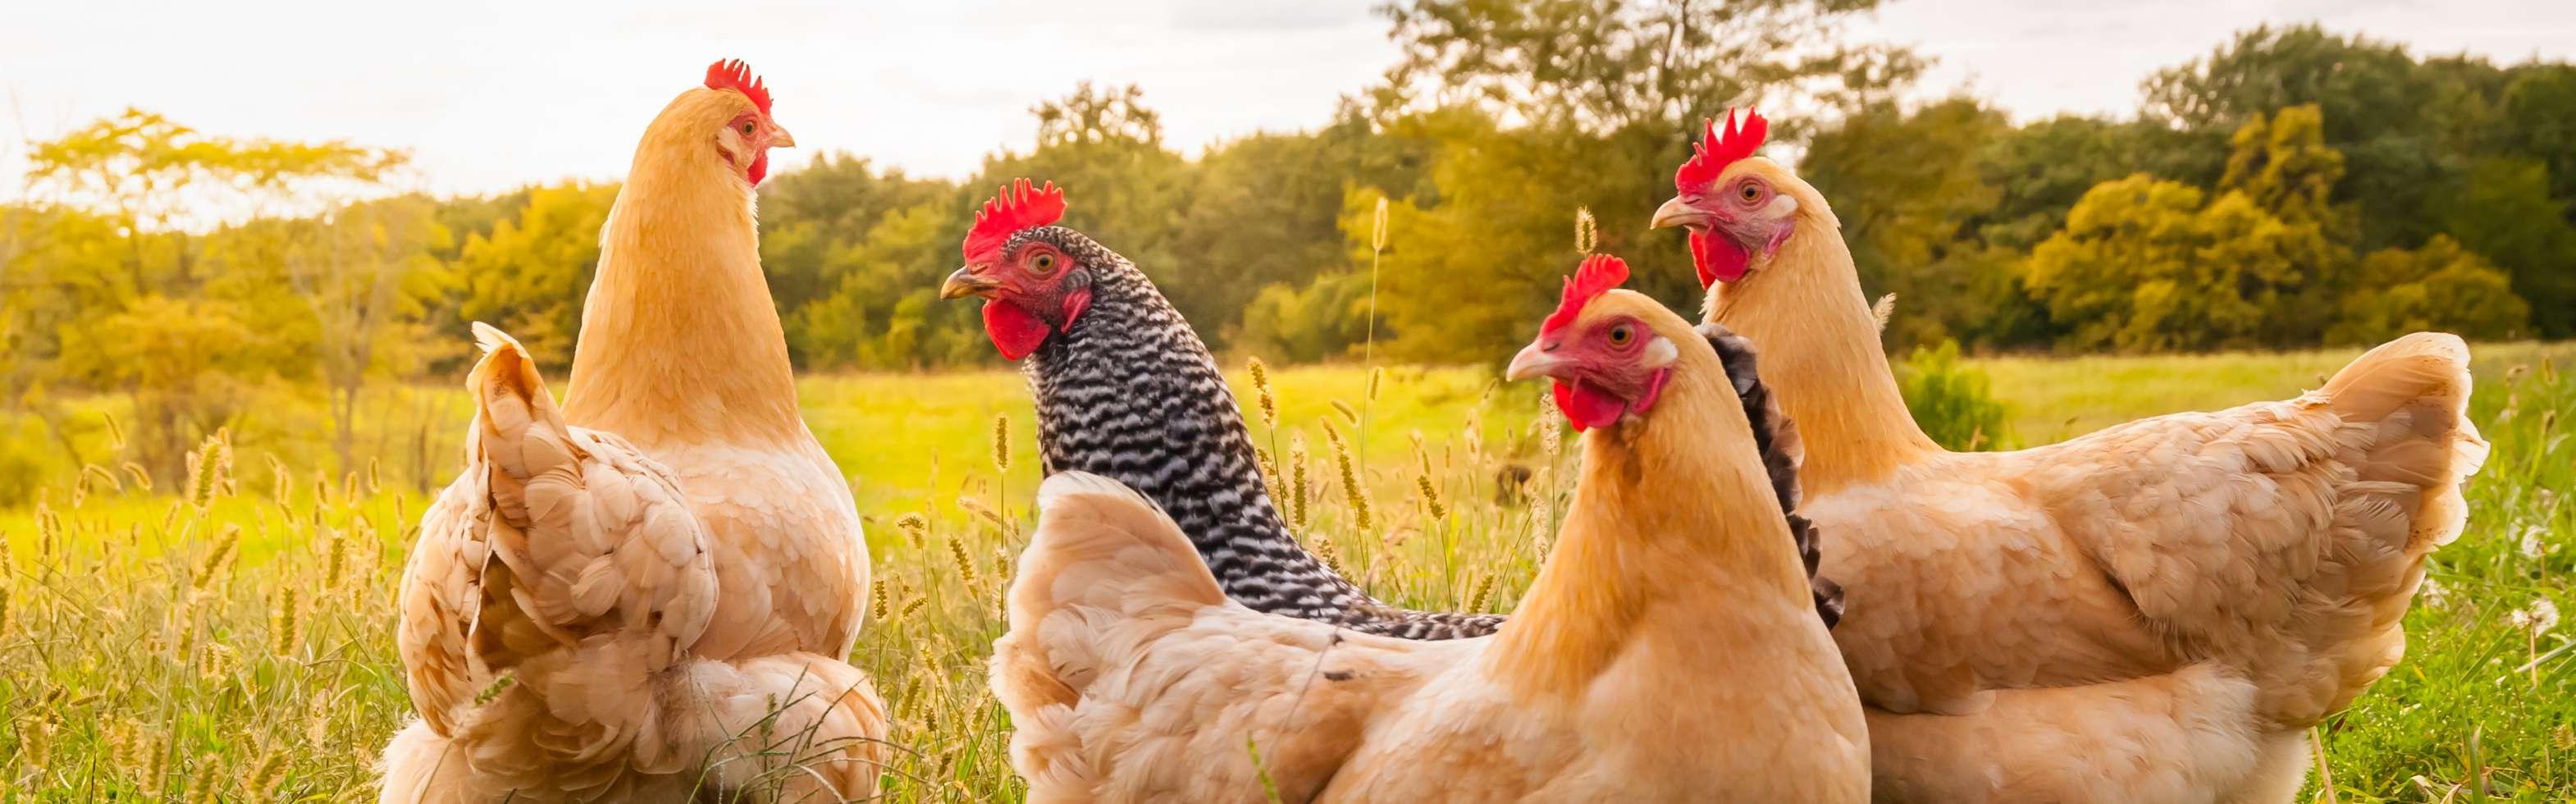 Poultry - Alltech